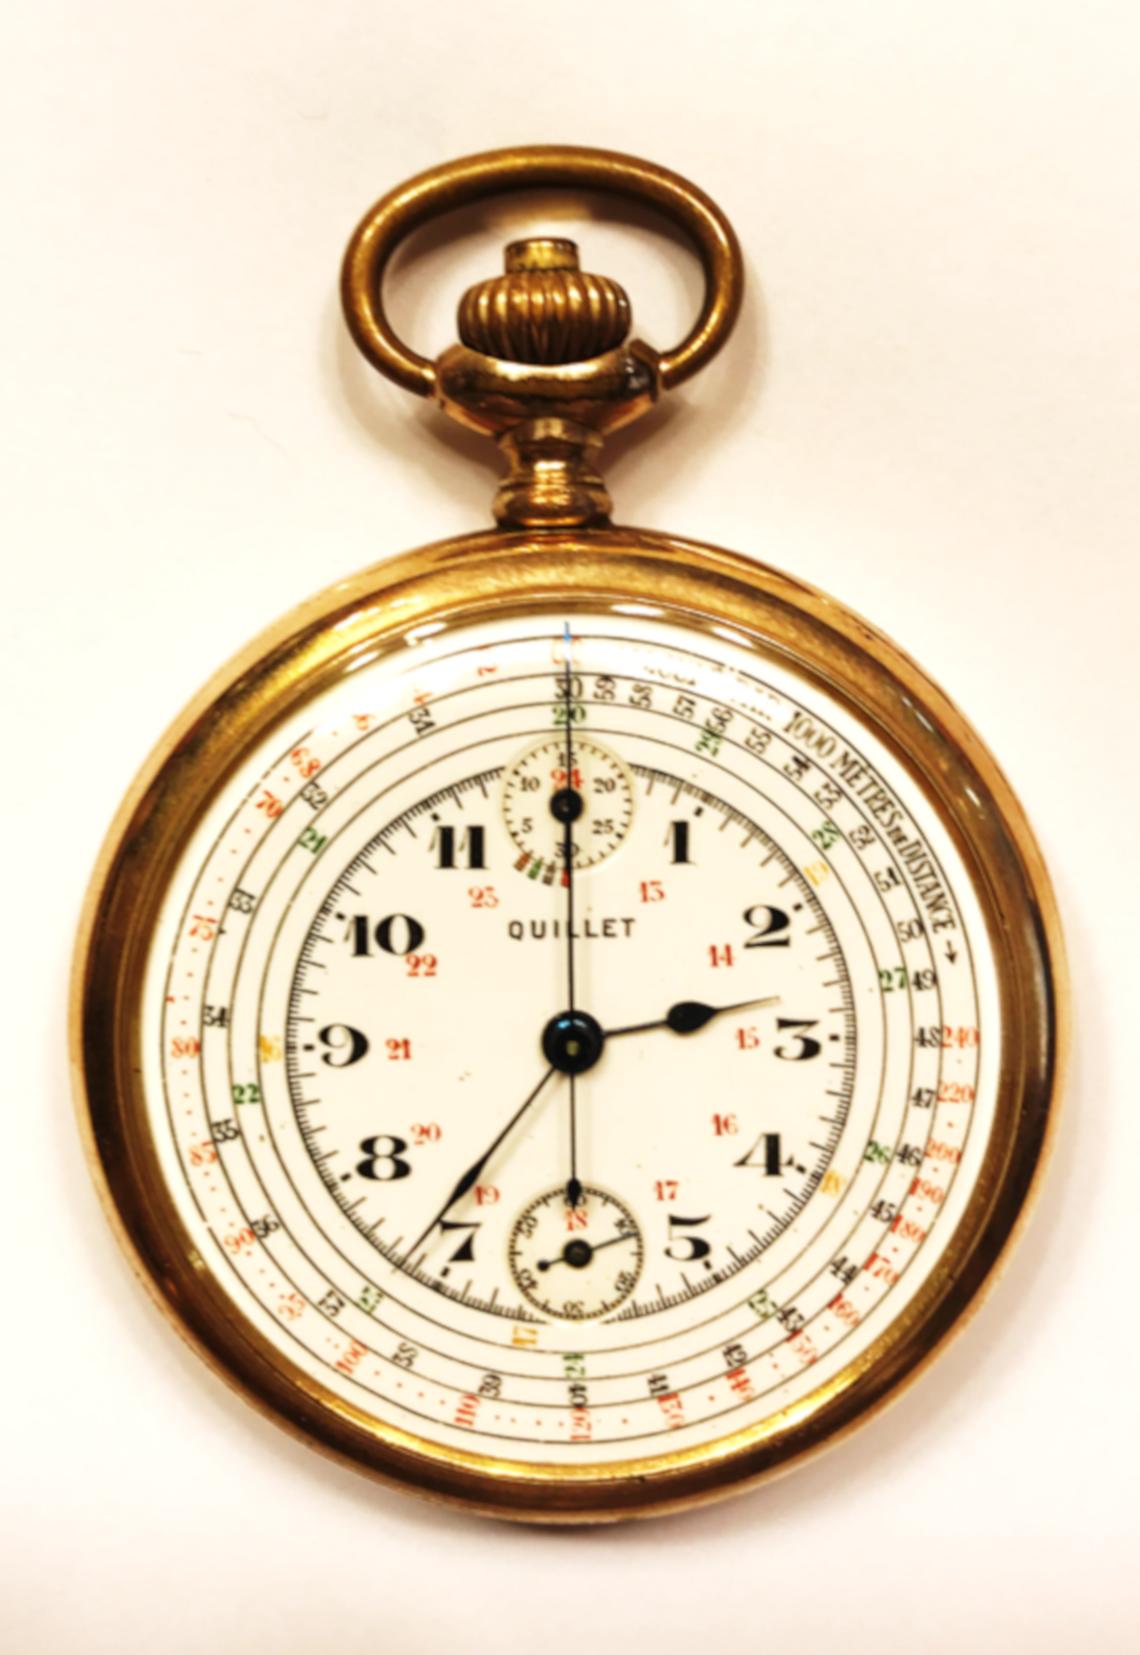 Reloj de bolsillo Lepine taquímetro, cronómetro y cronógrafo